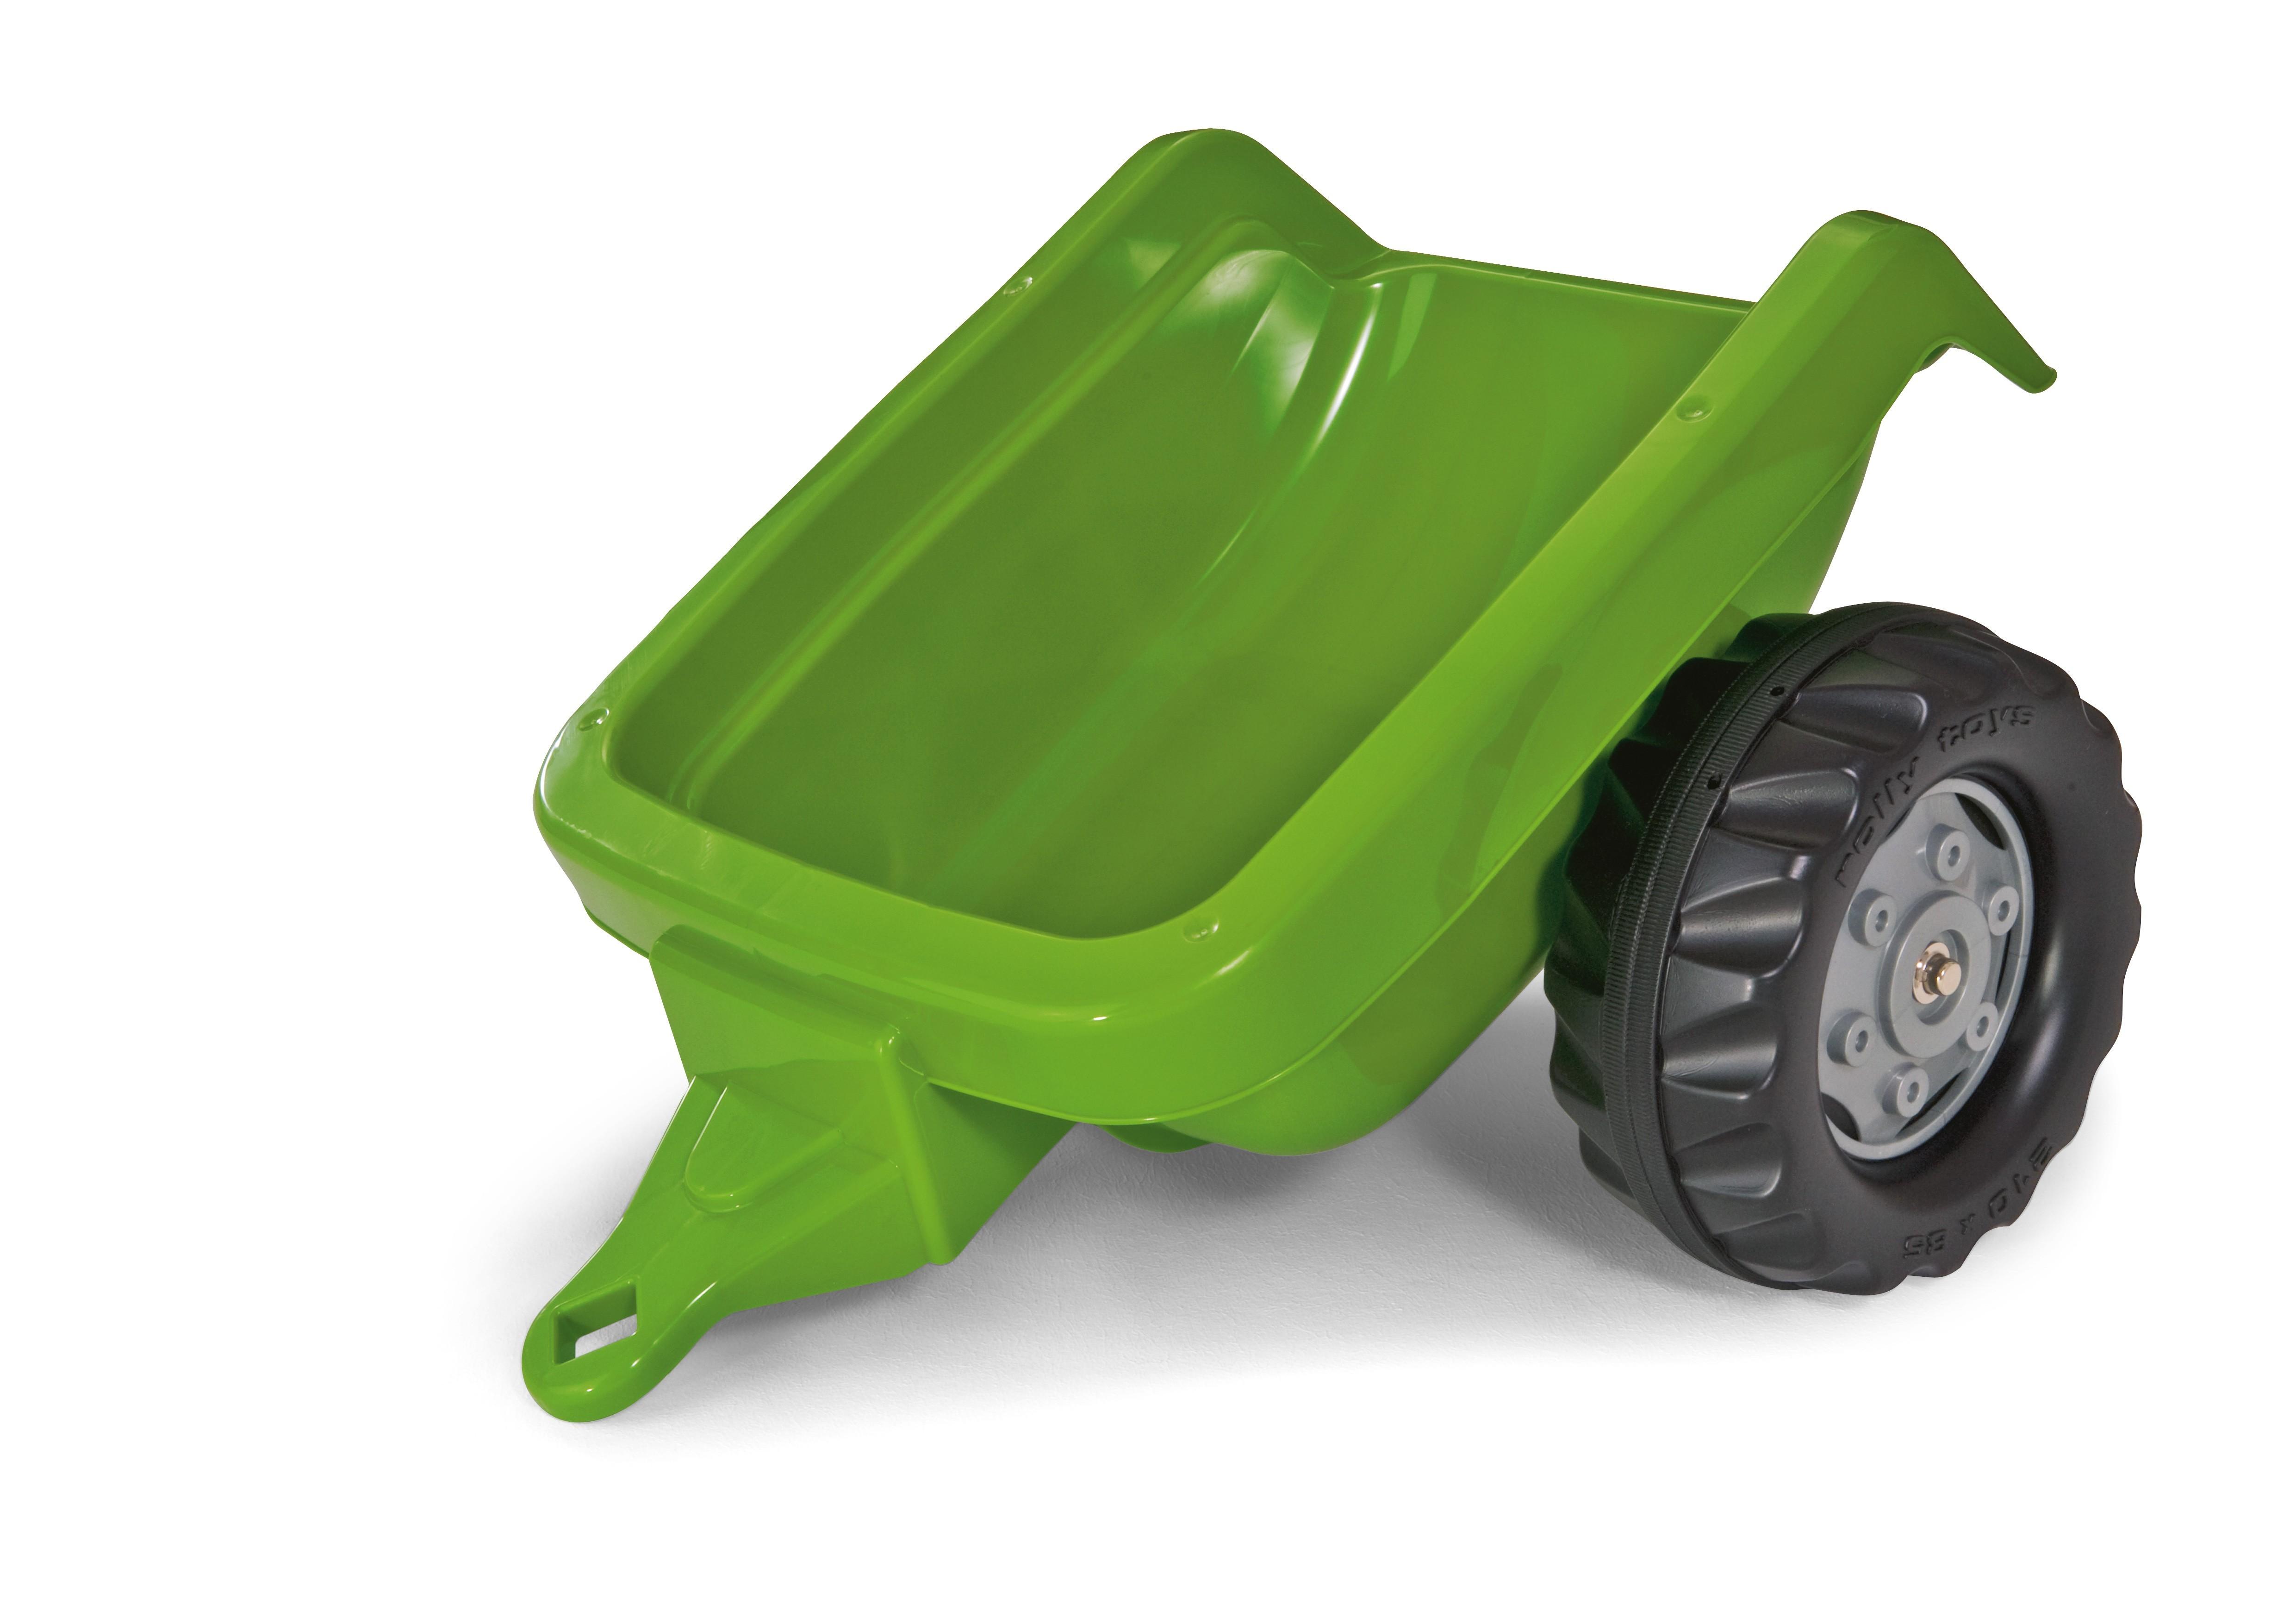 Anhänger für Tretfahrzeug rolly Kid Trailer grün - Rolly Toys Bild 1